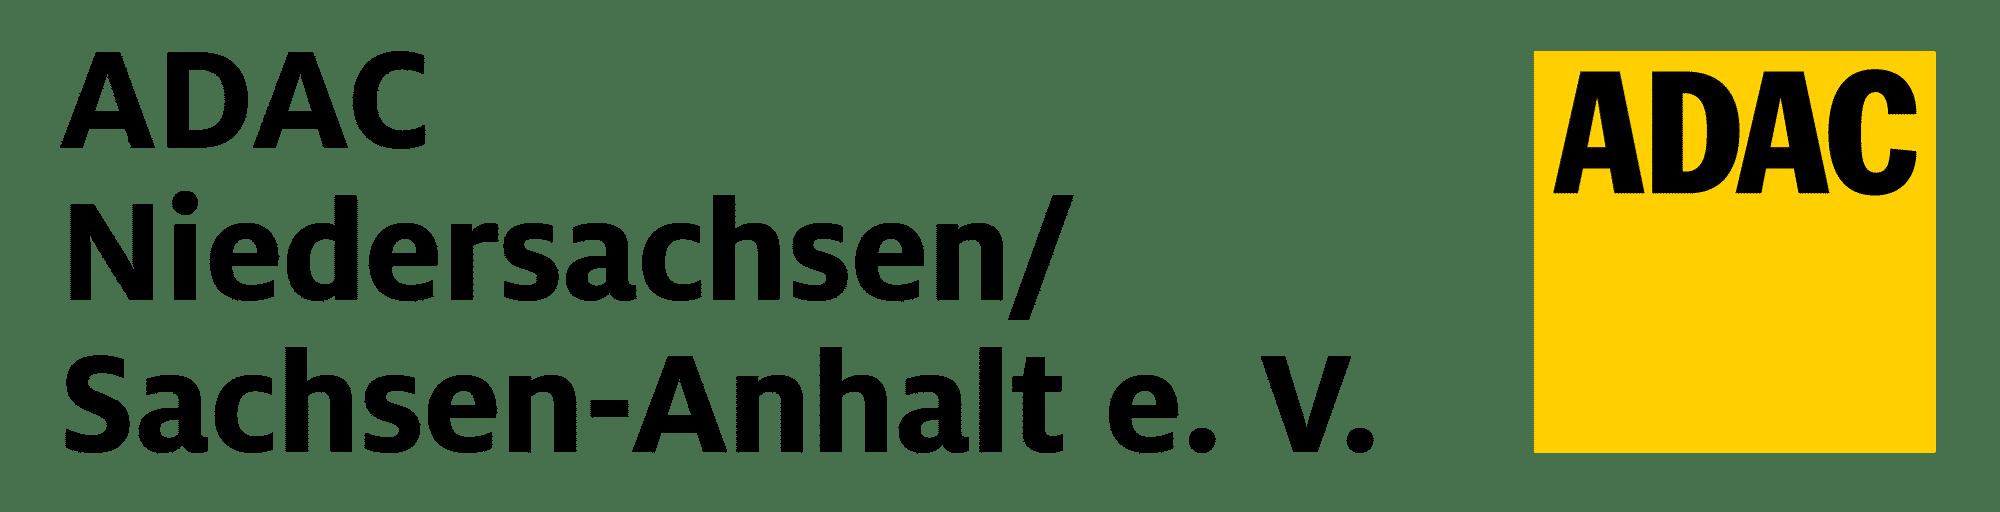 ADAC Niedersachsen Sachsen-Anhalt e.V.